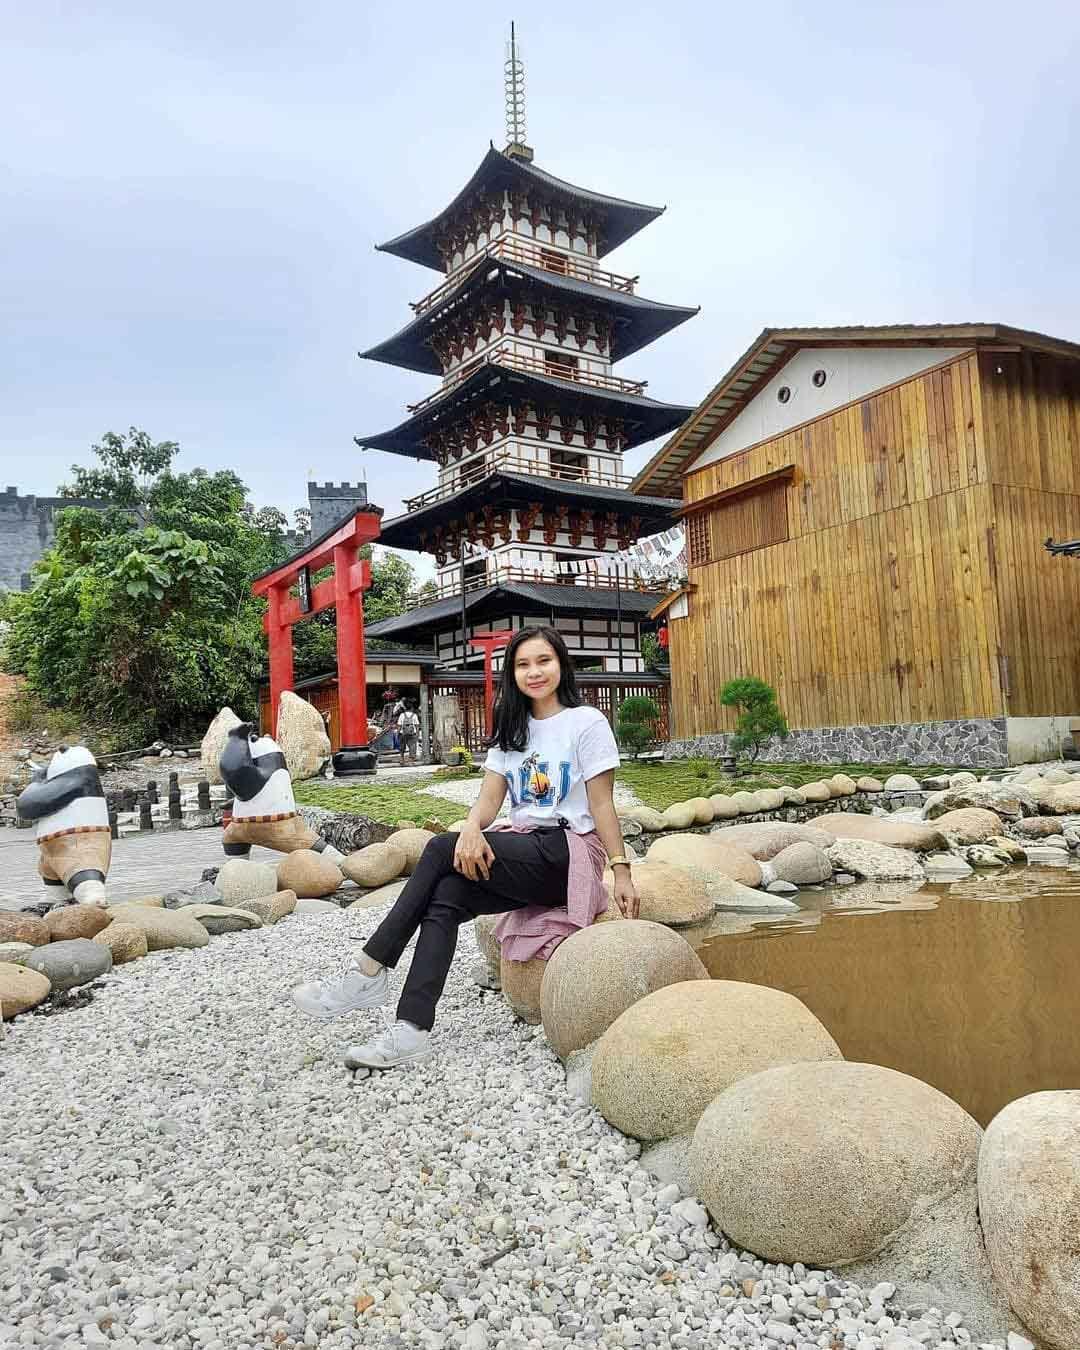 Berbagai Spot Foto di Asia Heritage Pekanbaru Image From @asiaheritage.id_